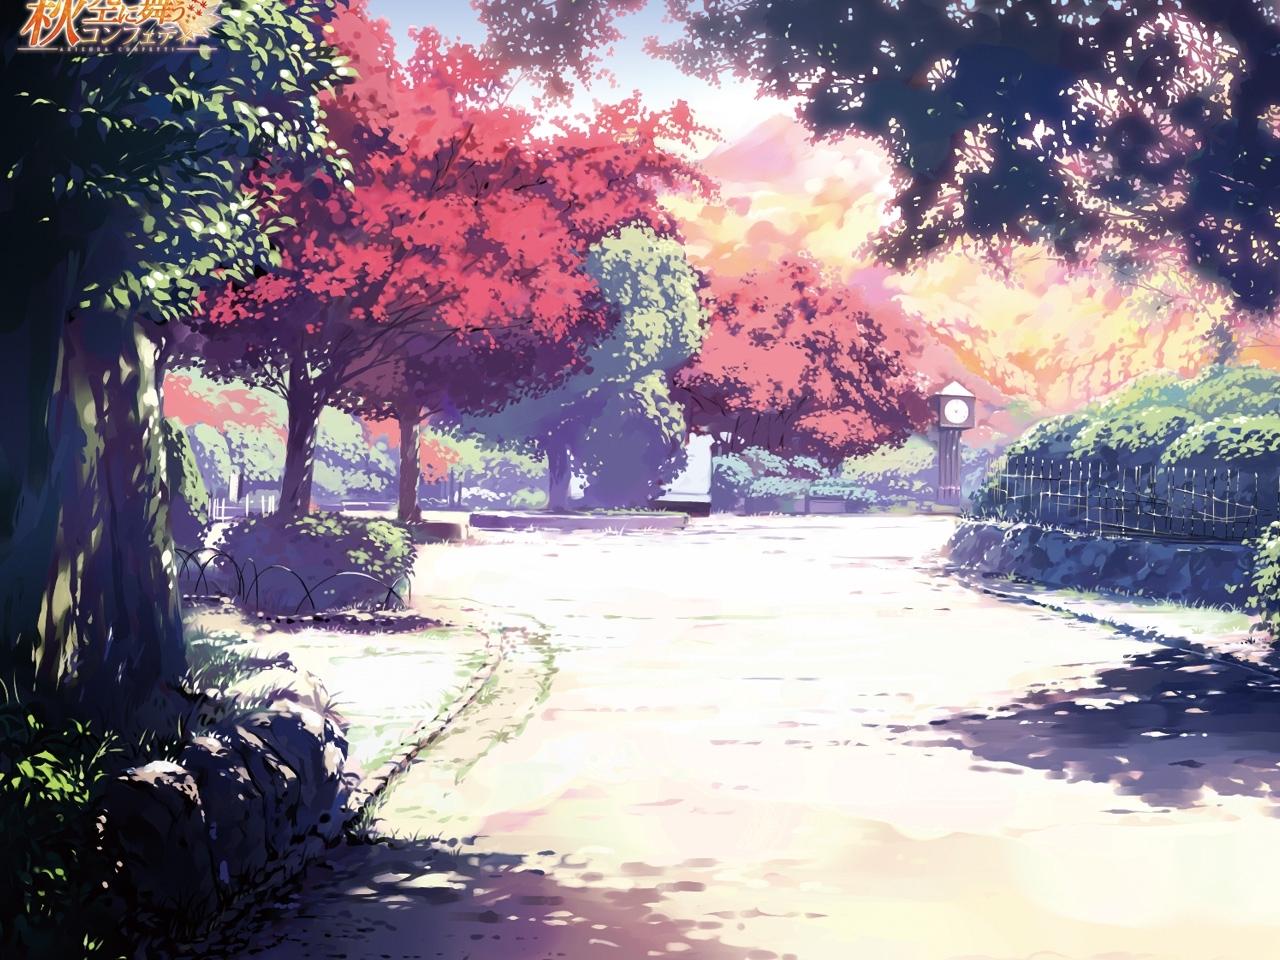 26708 descargar fondo de pantalla Anime, Paisaje, Árboles: protectores de pantalla e imágenes gratis